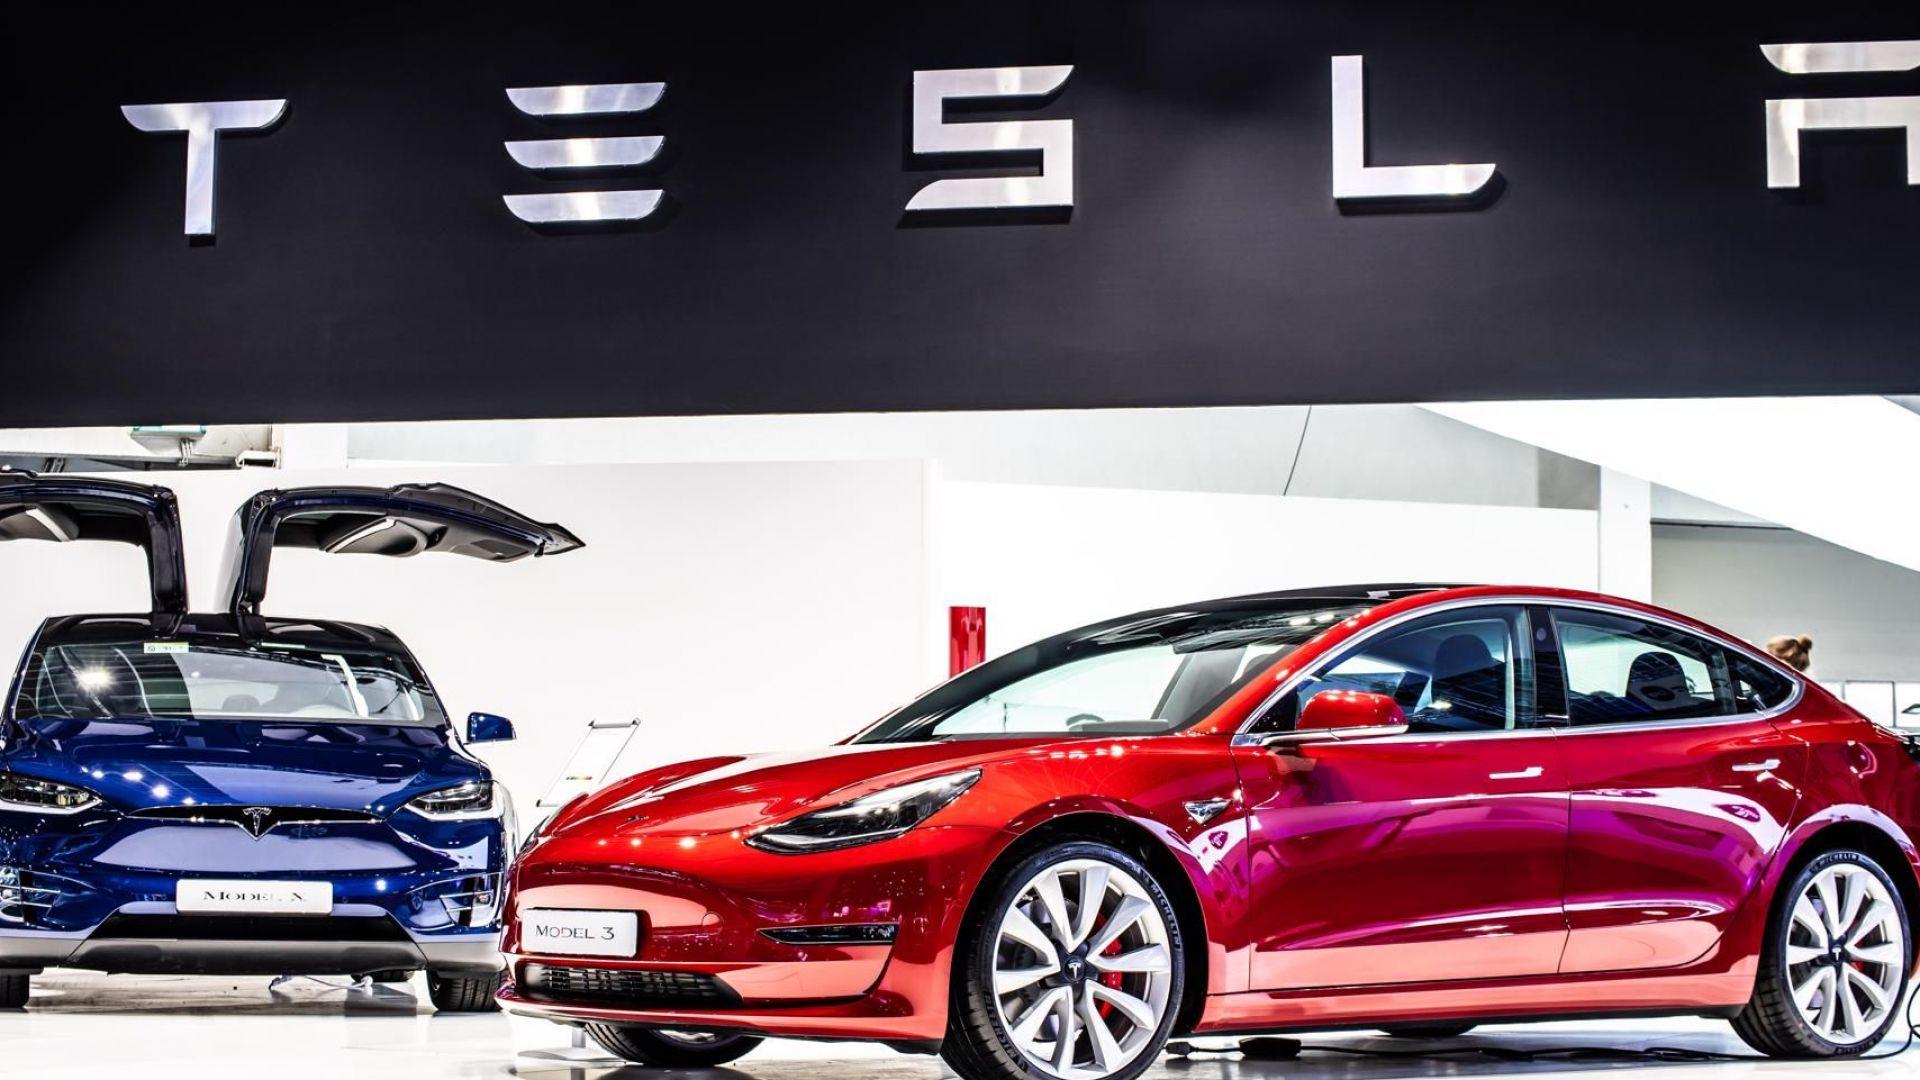 """""""Тесла"""" изгуби изненадващо 80 милиарда долара от пазарната си стойност"""